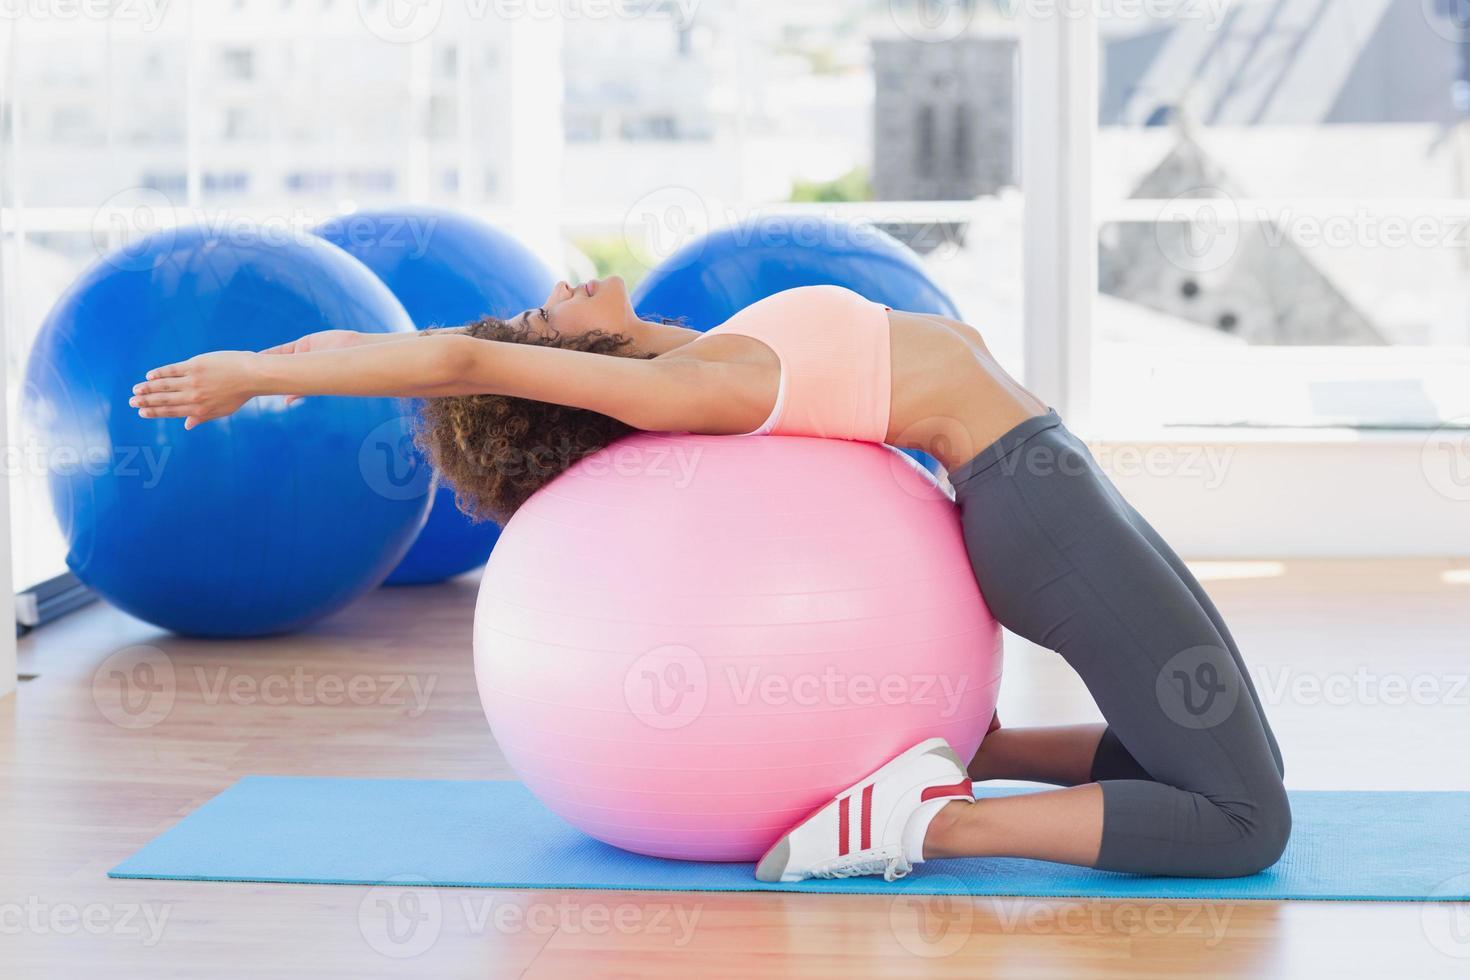 vista lateral de una mujer en forma haciendo ejercicio foto